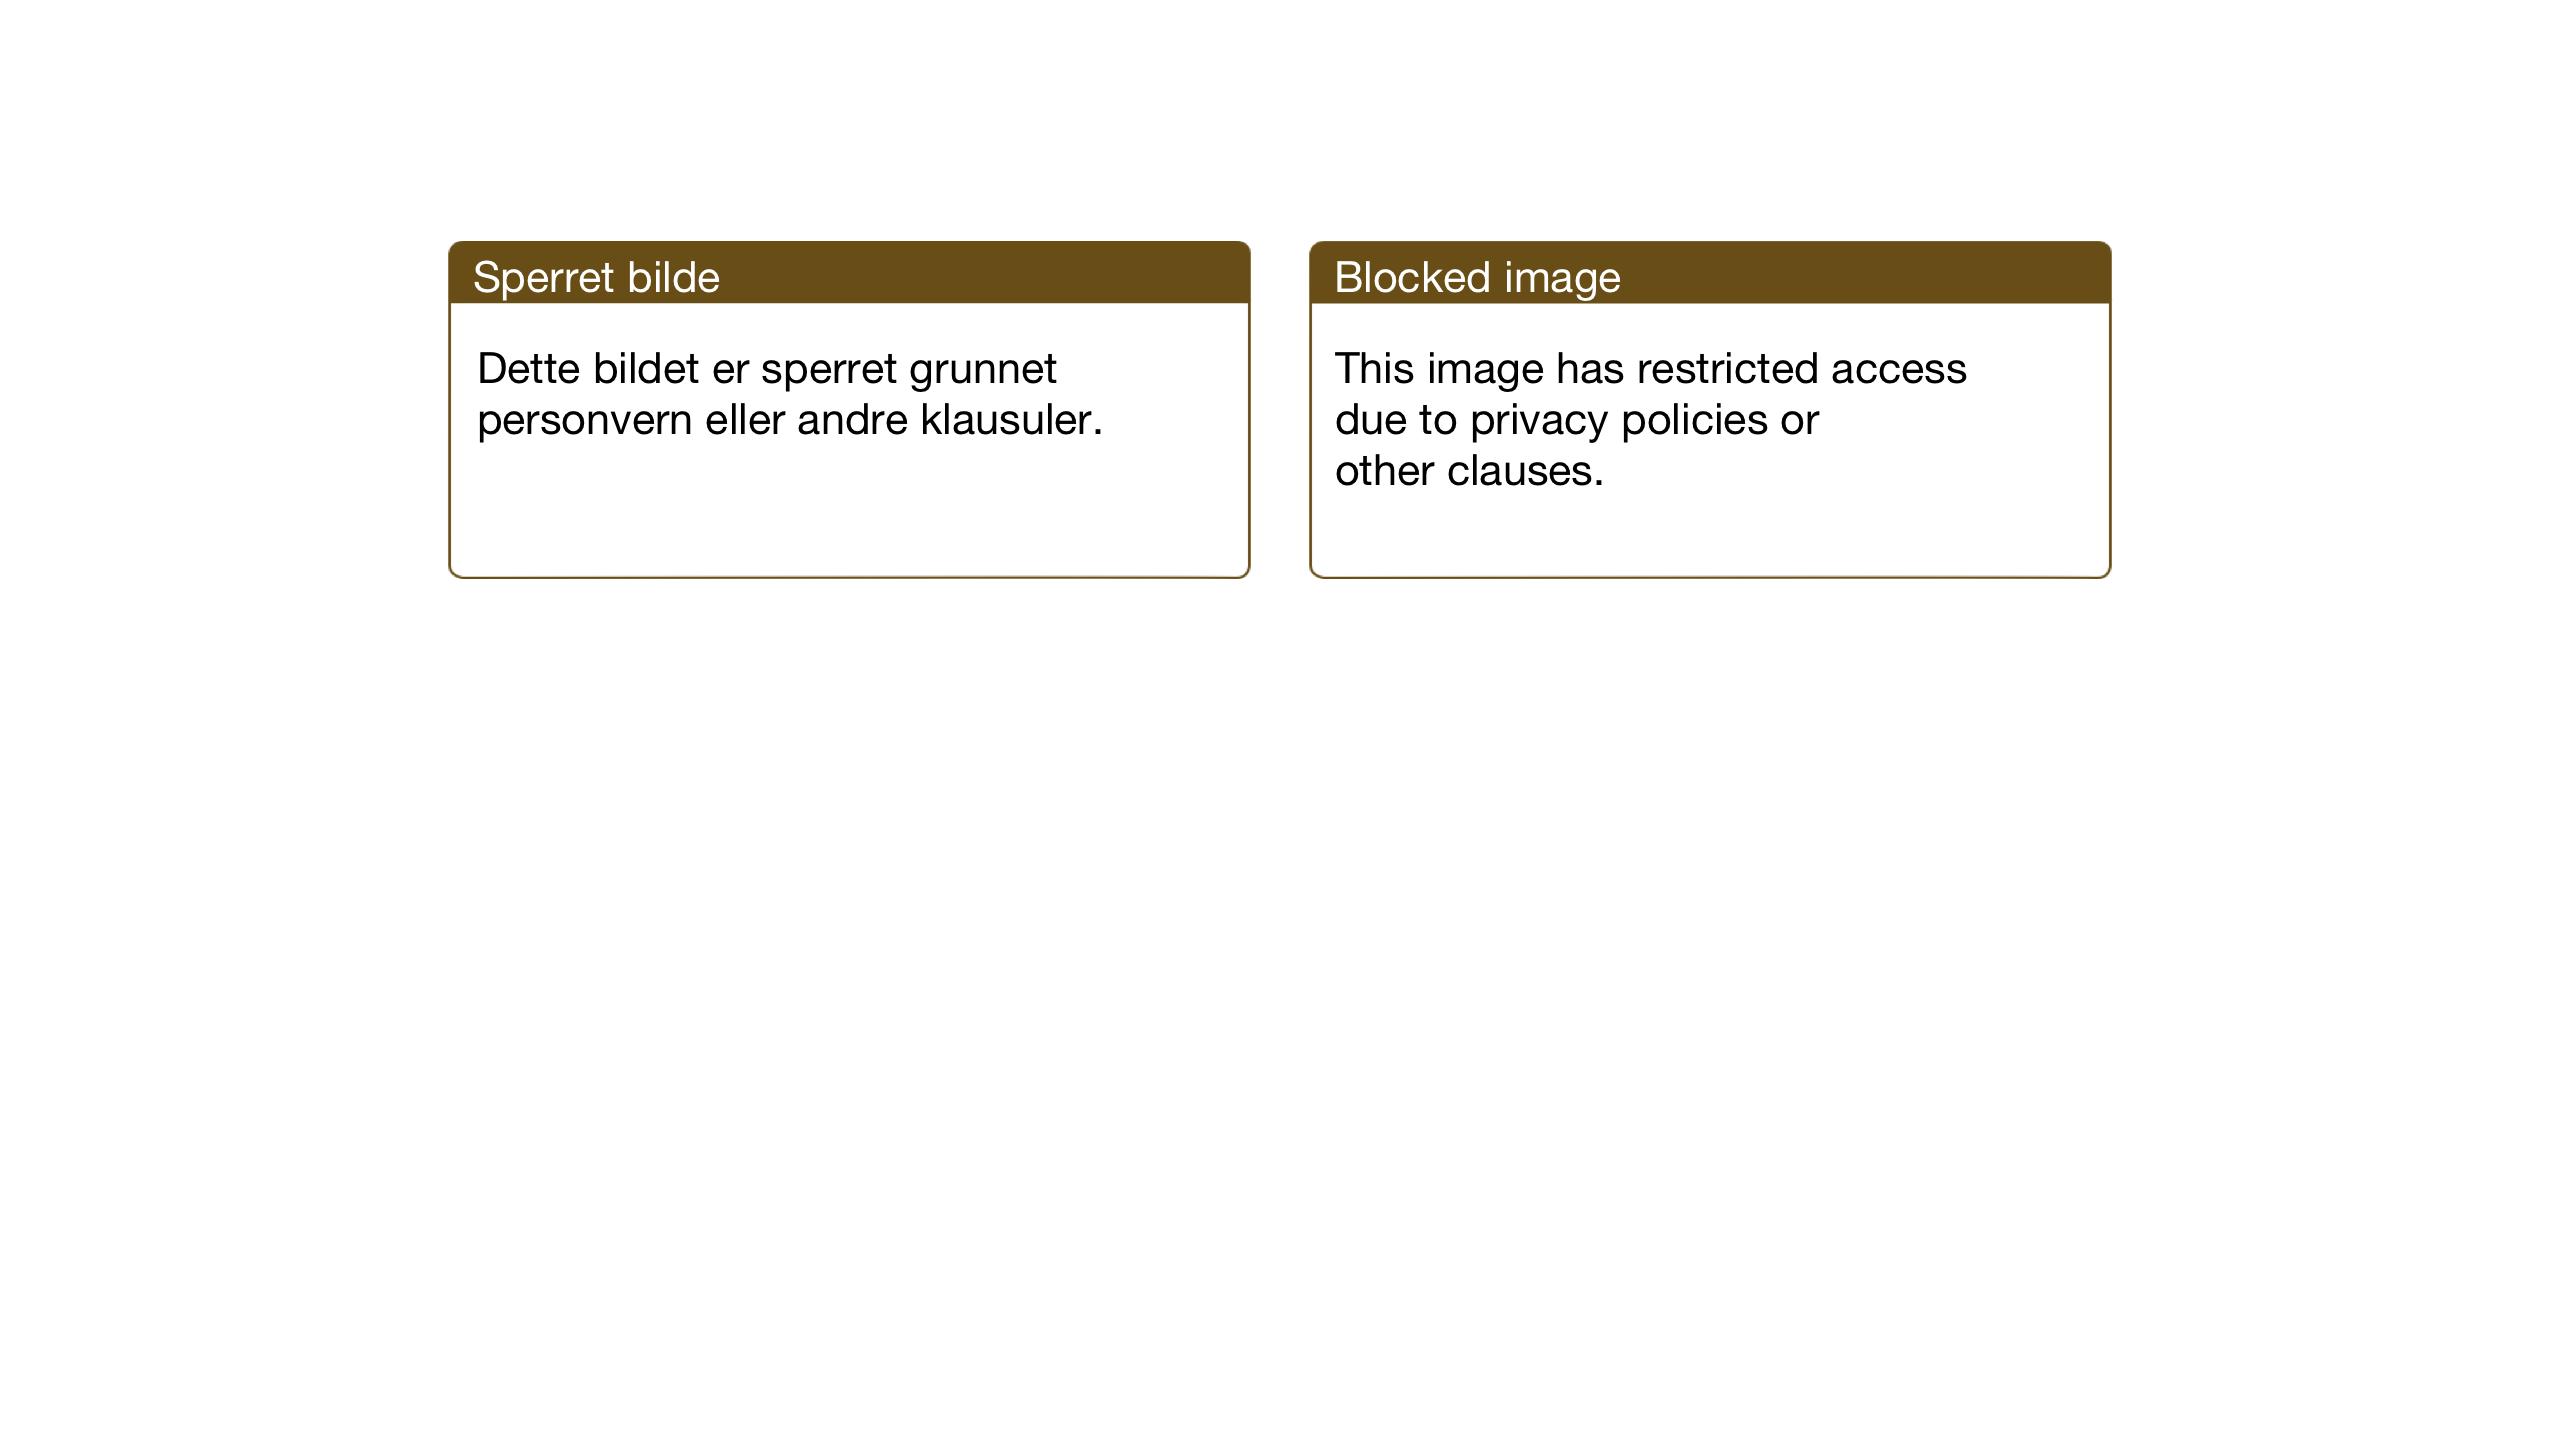 SAT, Ministerialprotokoller, klokkerbøker og fødselsregistre - Sør-Trøndelag, 640/L0590: Klokkerbok nr. 640C07, 1935-1948, s. 4